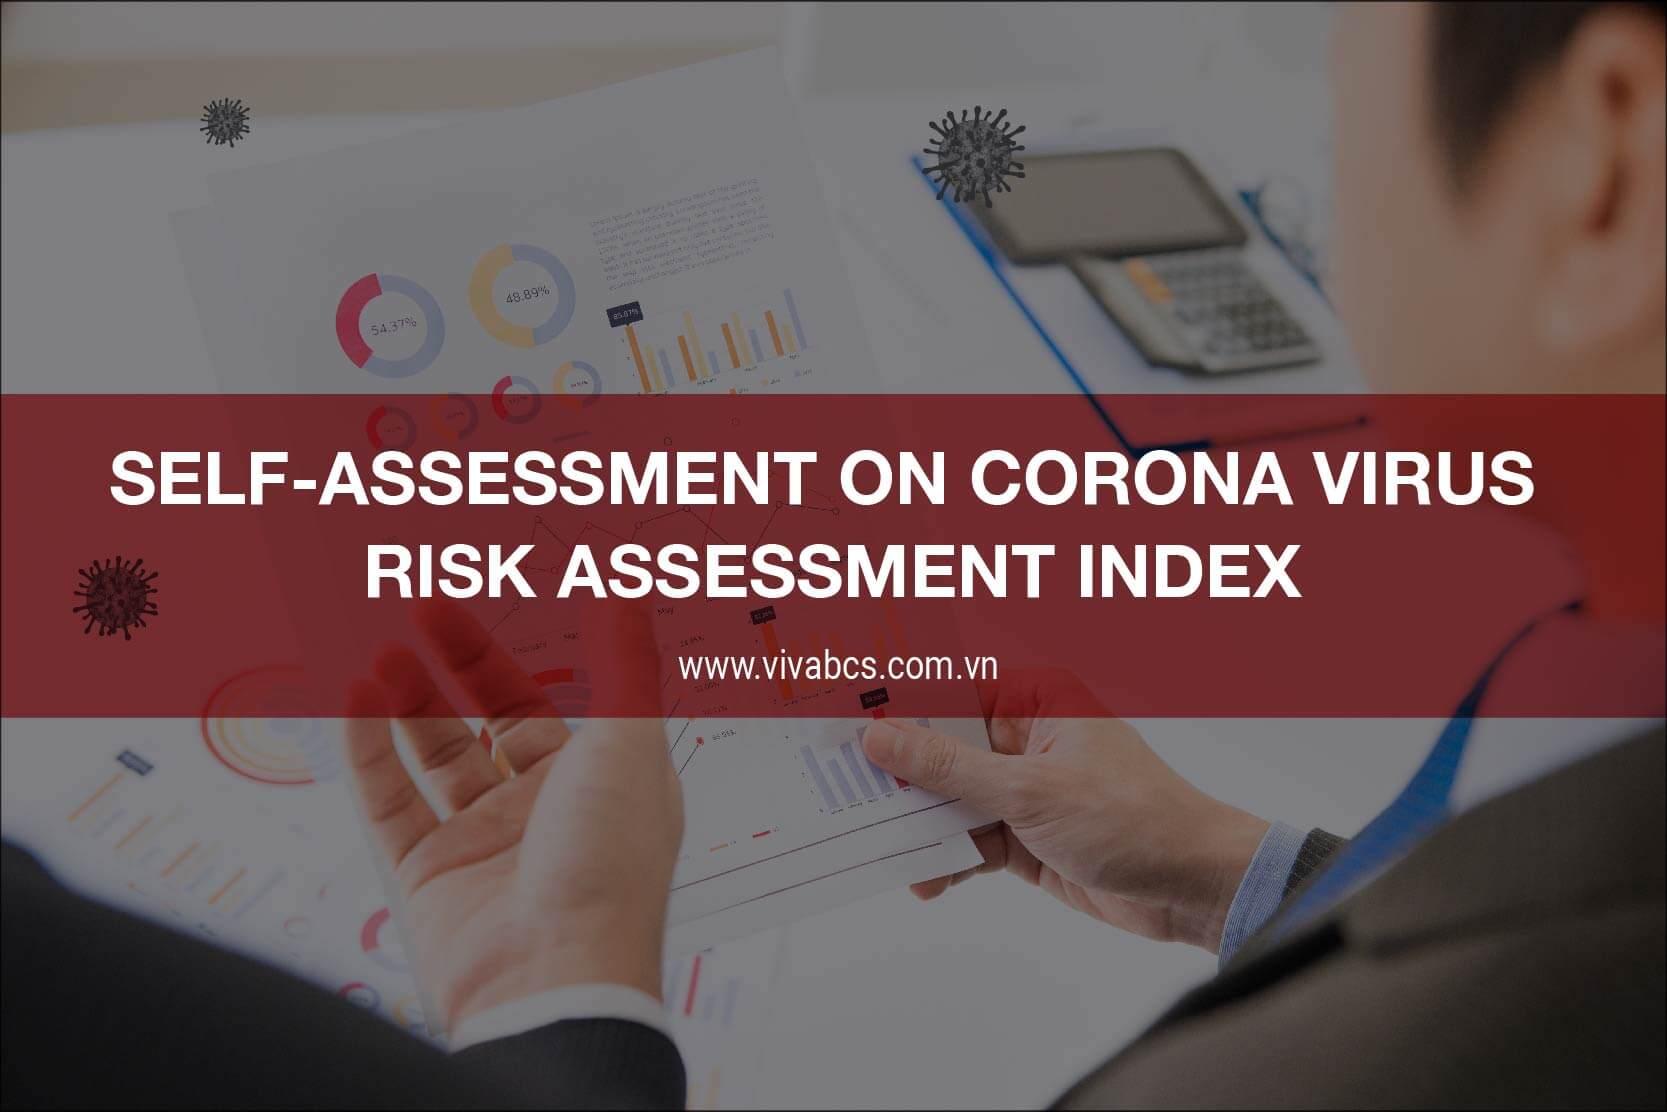 Corona virus risk assessment index